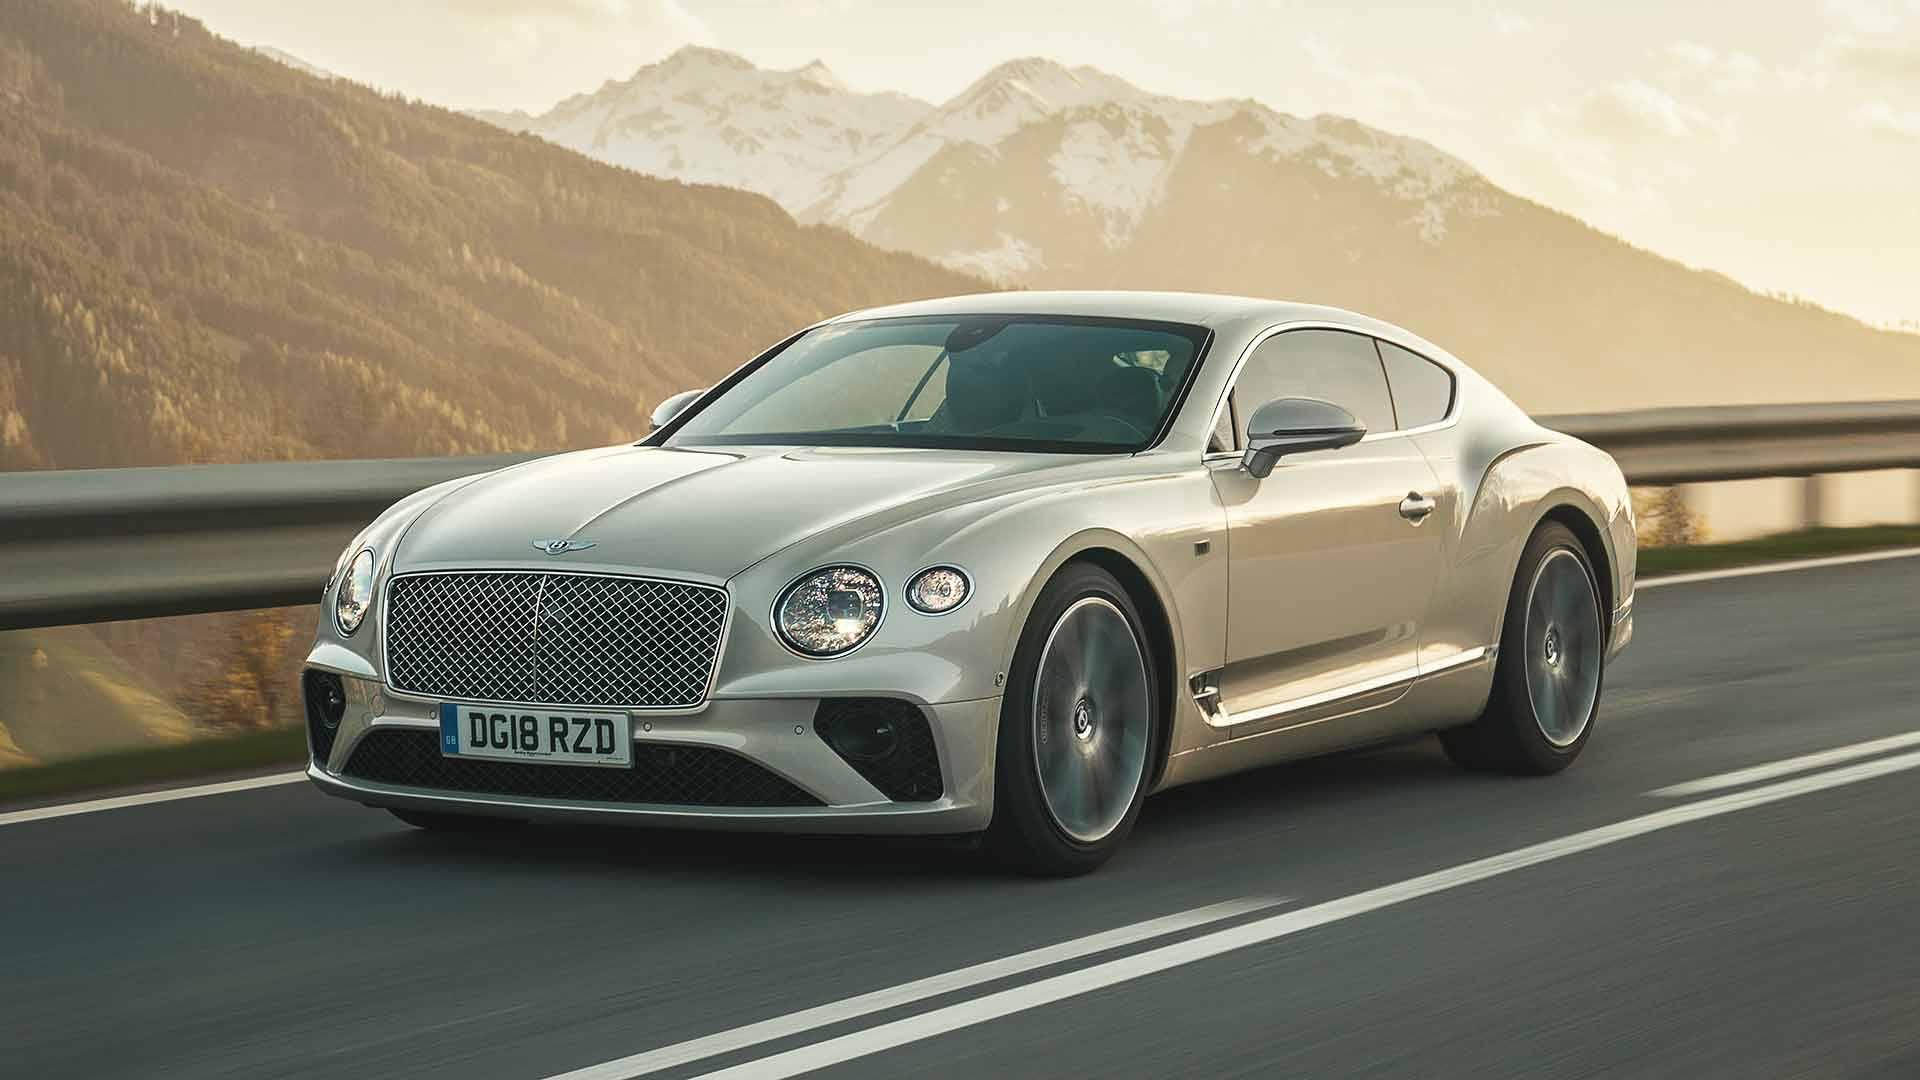 2019 Bentley Continental Gt Ilk Sürüş Gt Otomobilinin De ötesi